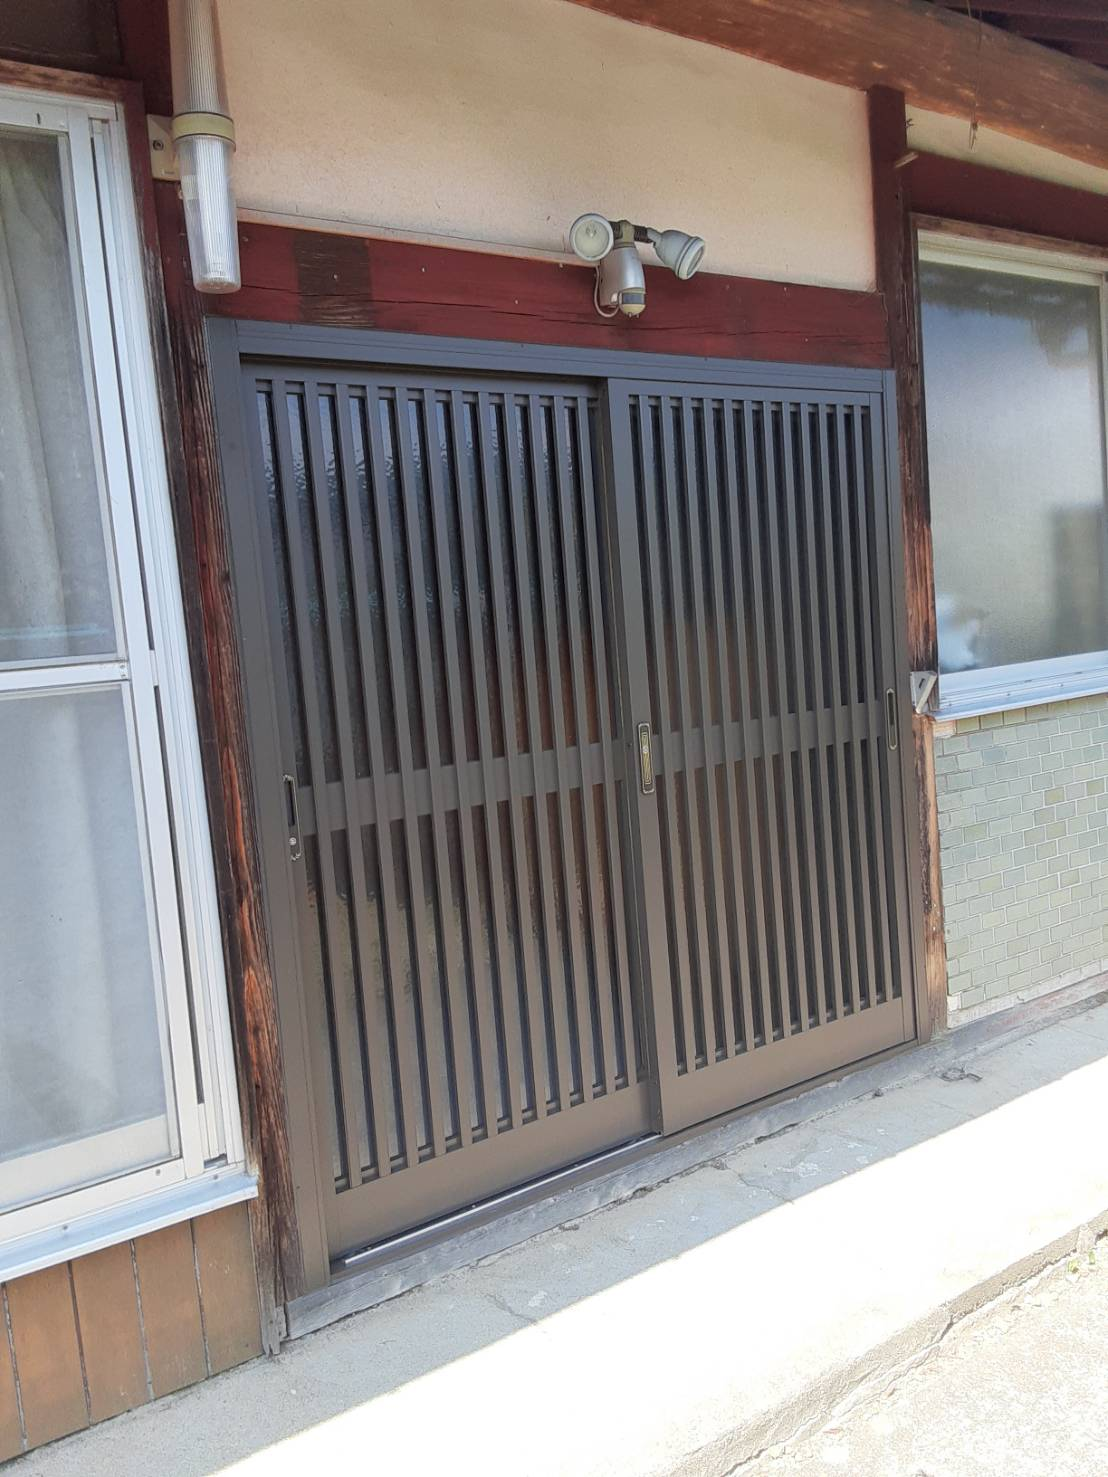 ギャラリーパティオの玄関リフォーム 木製玄関からアルミ玄関への施工事例写真